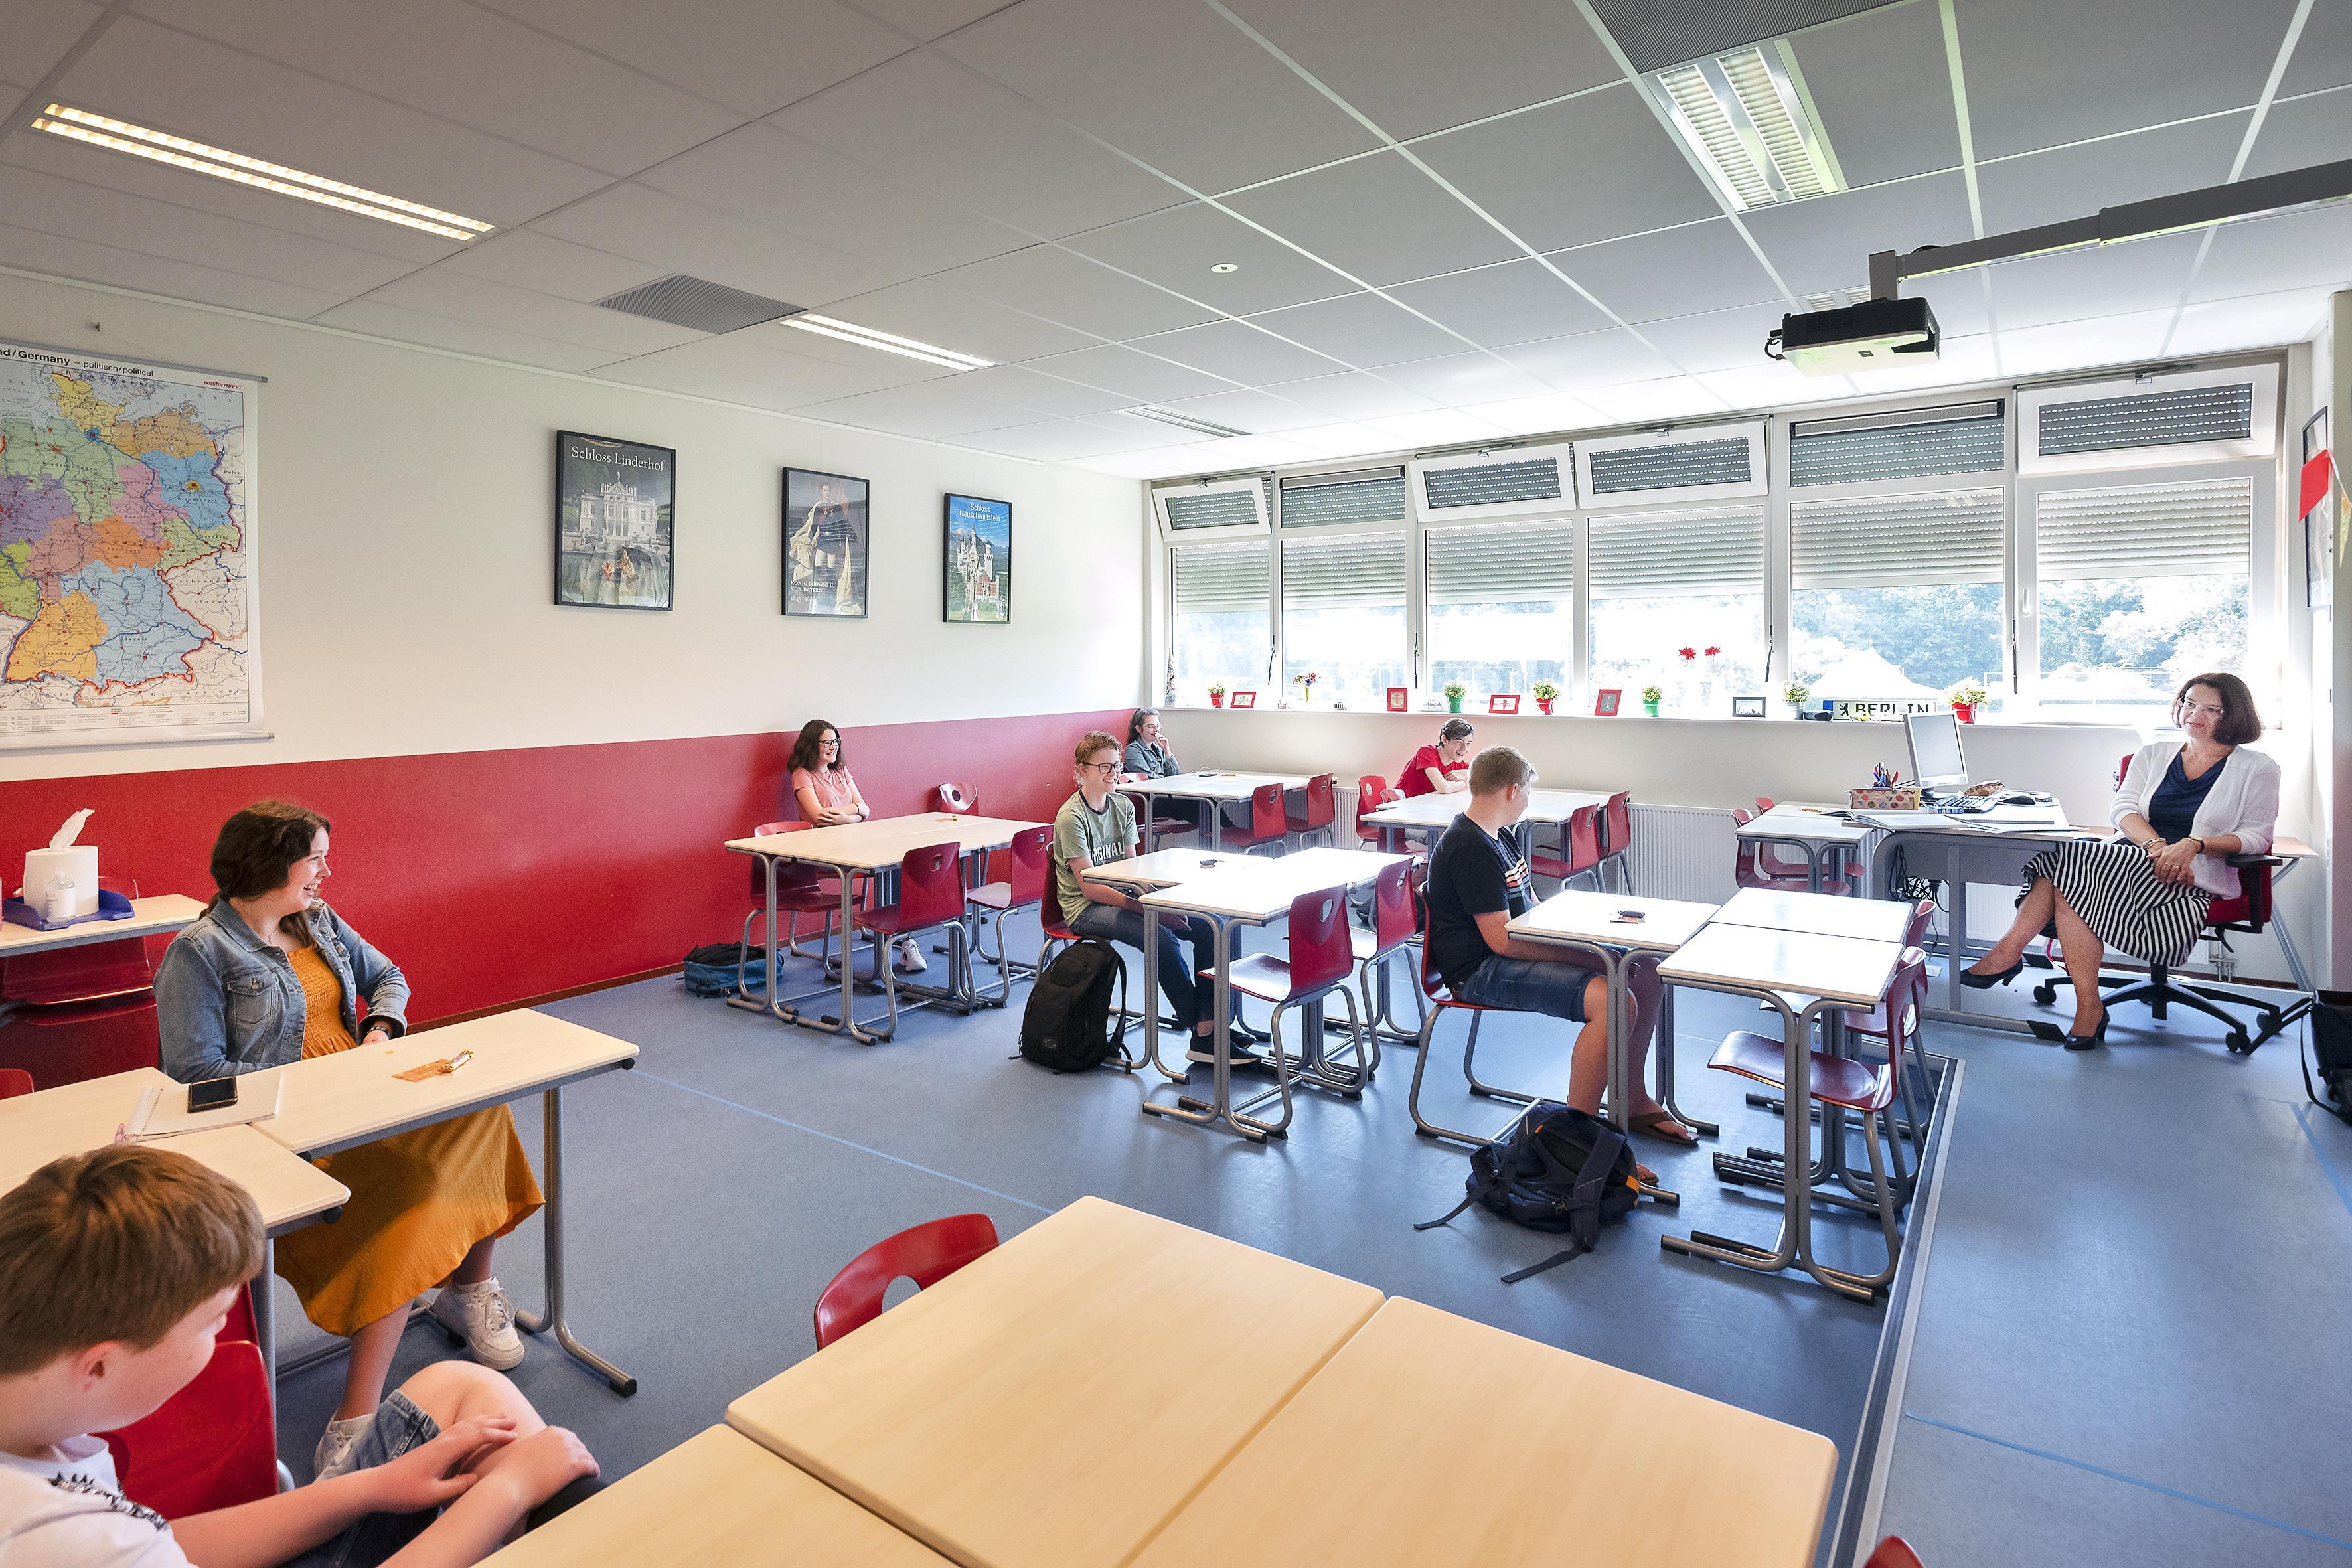 Hoe zit het met de ventilatie op scholen? Gymnasium Felisenum wacht advies niet af en laat luchtkwaliteit onderzoeken, Jac. P. Thijsse in Castricum zet ramen en deuren open